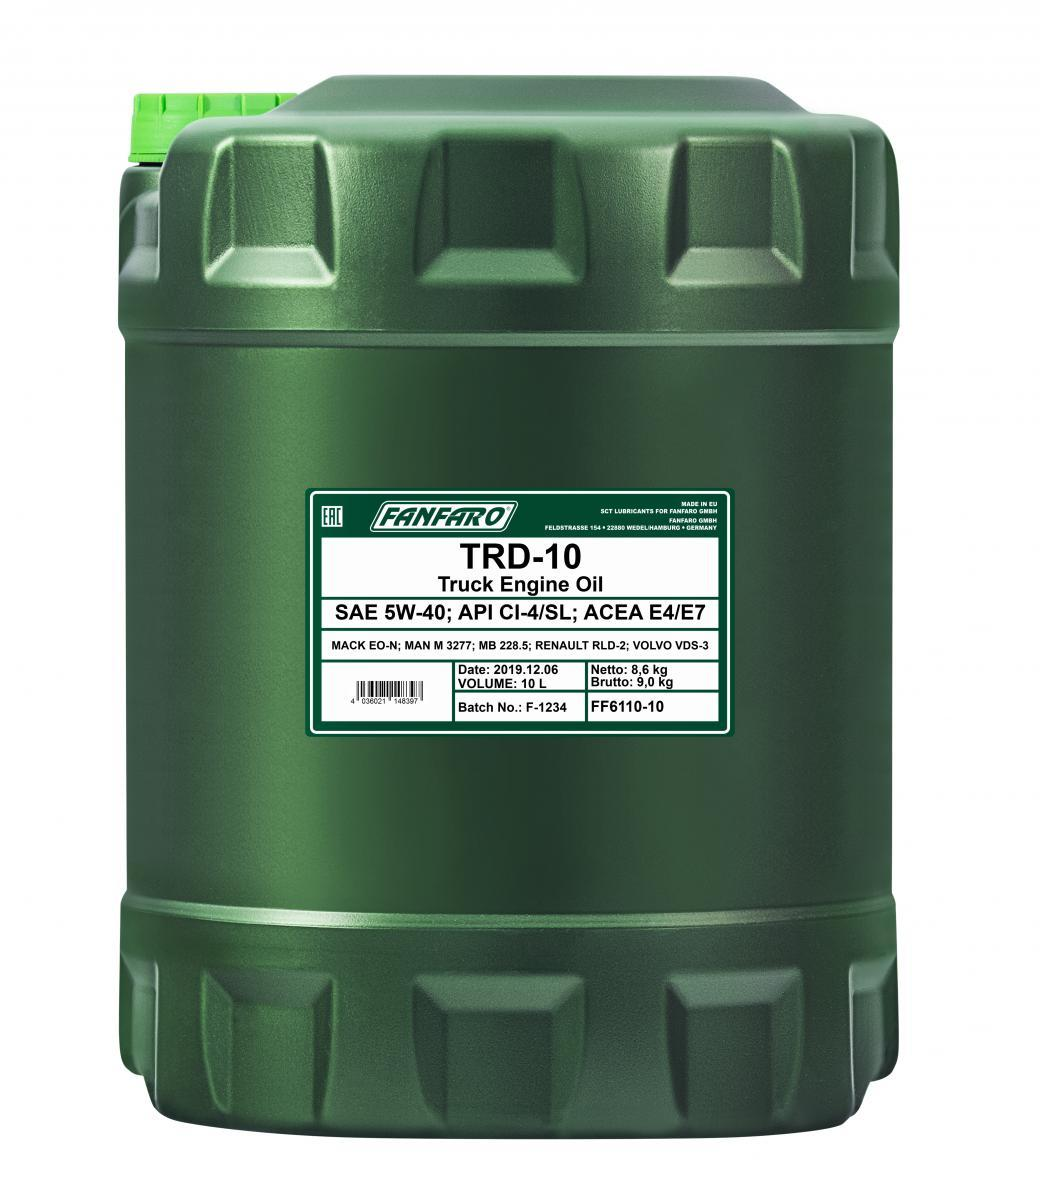 FF6110-10 FANFARO Motoröl für DAF online bestellen